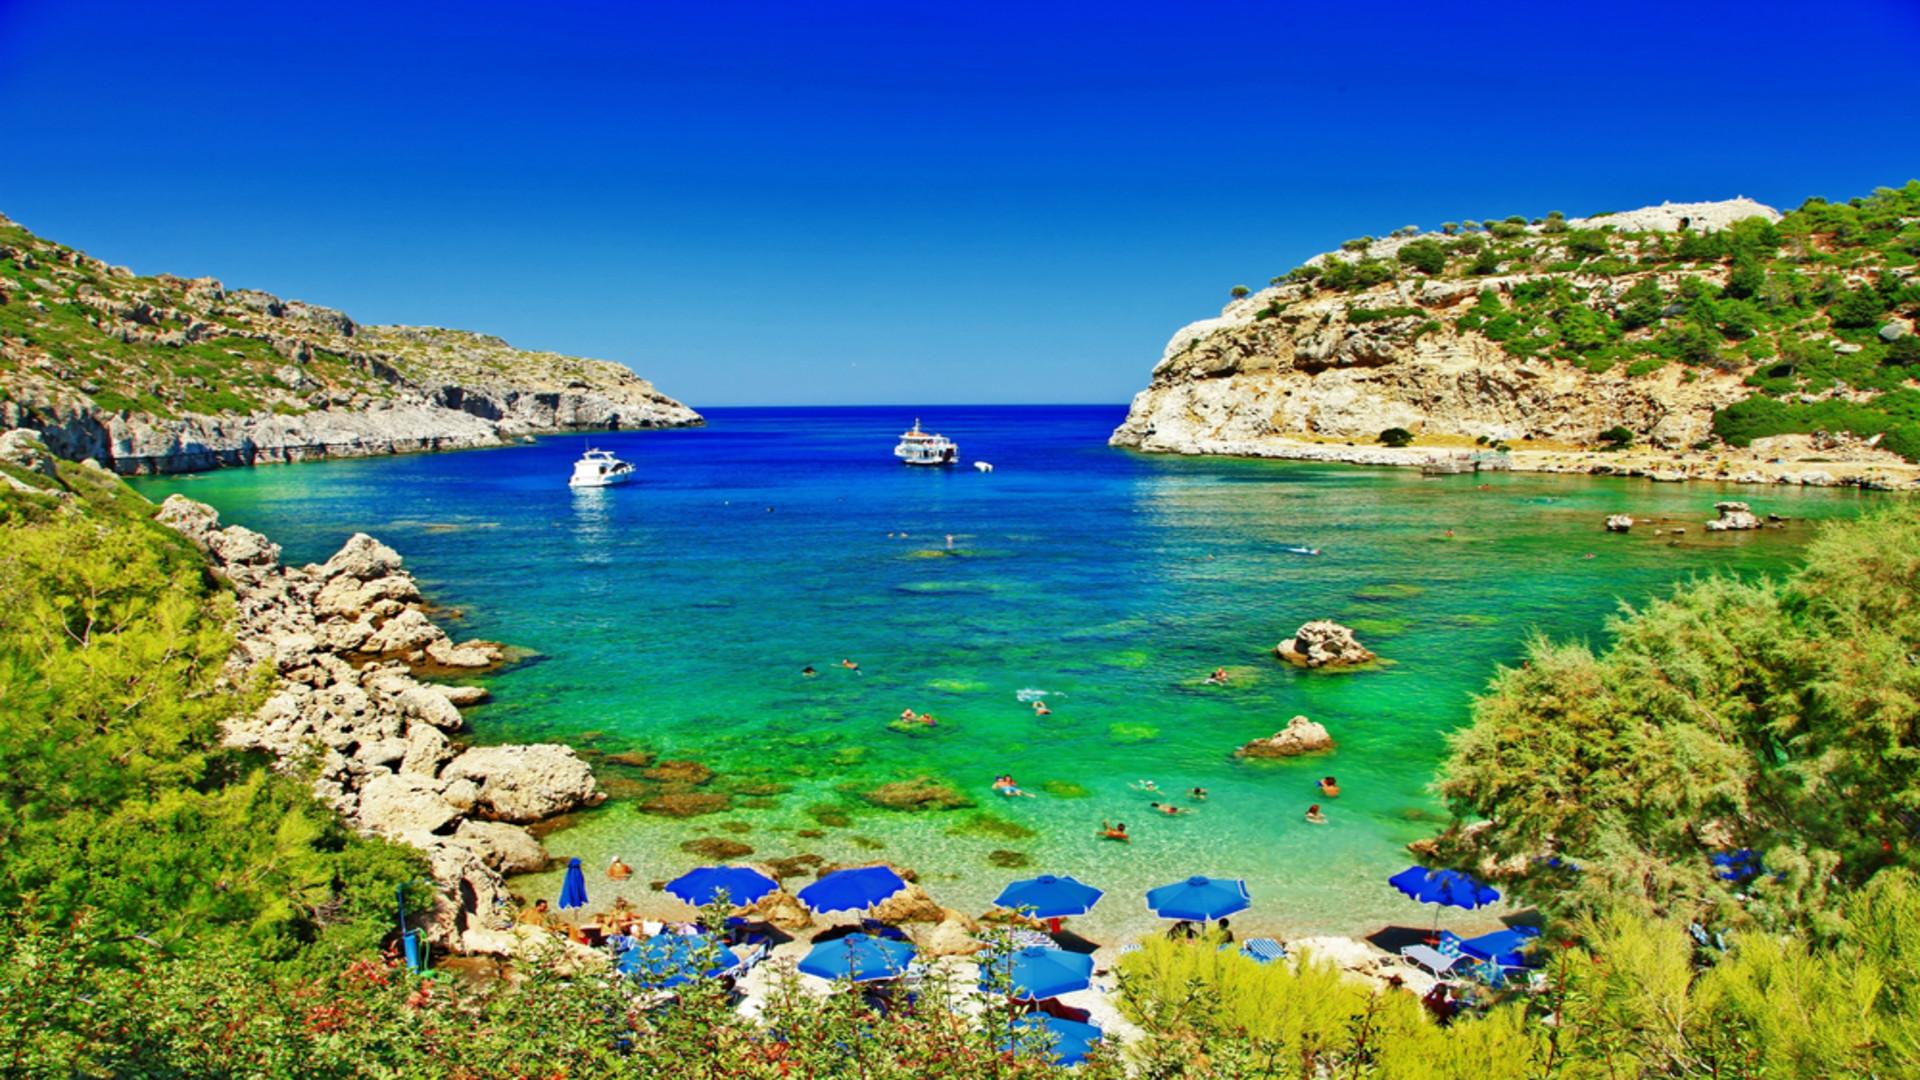 Turquoise water bij strand Rhodos, Griekenland